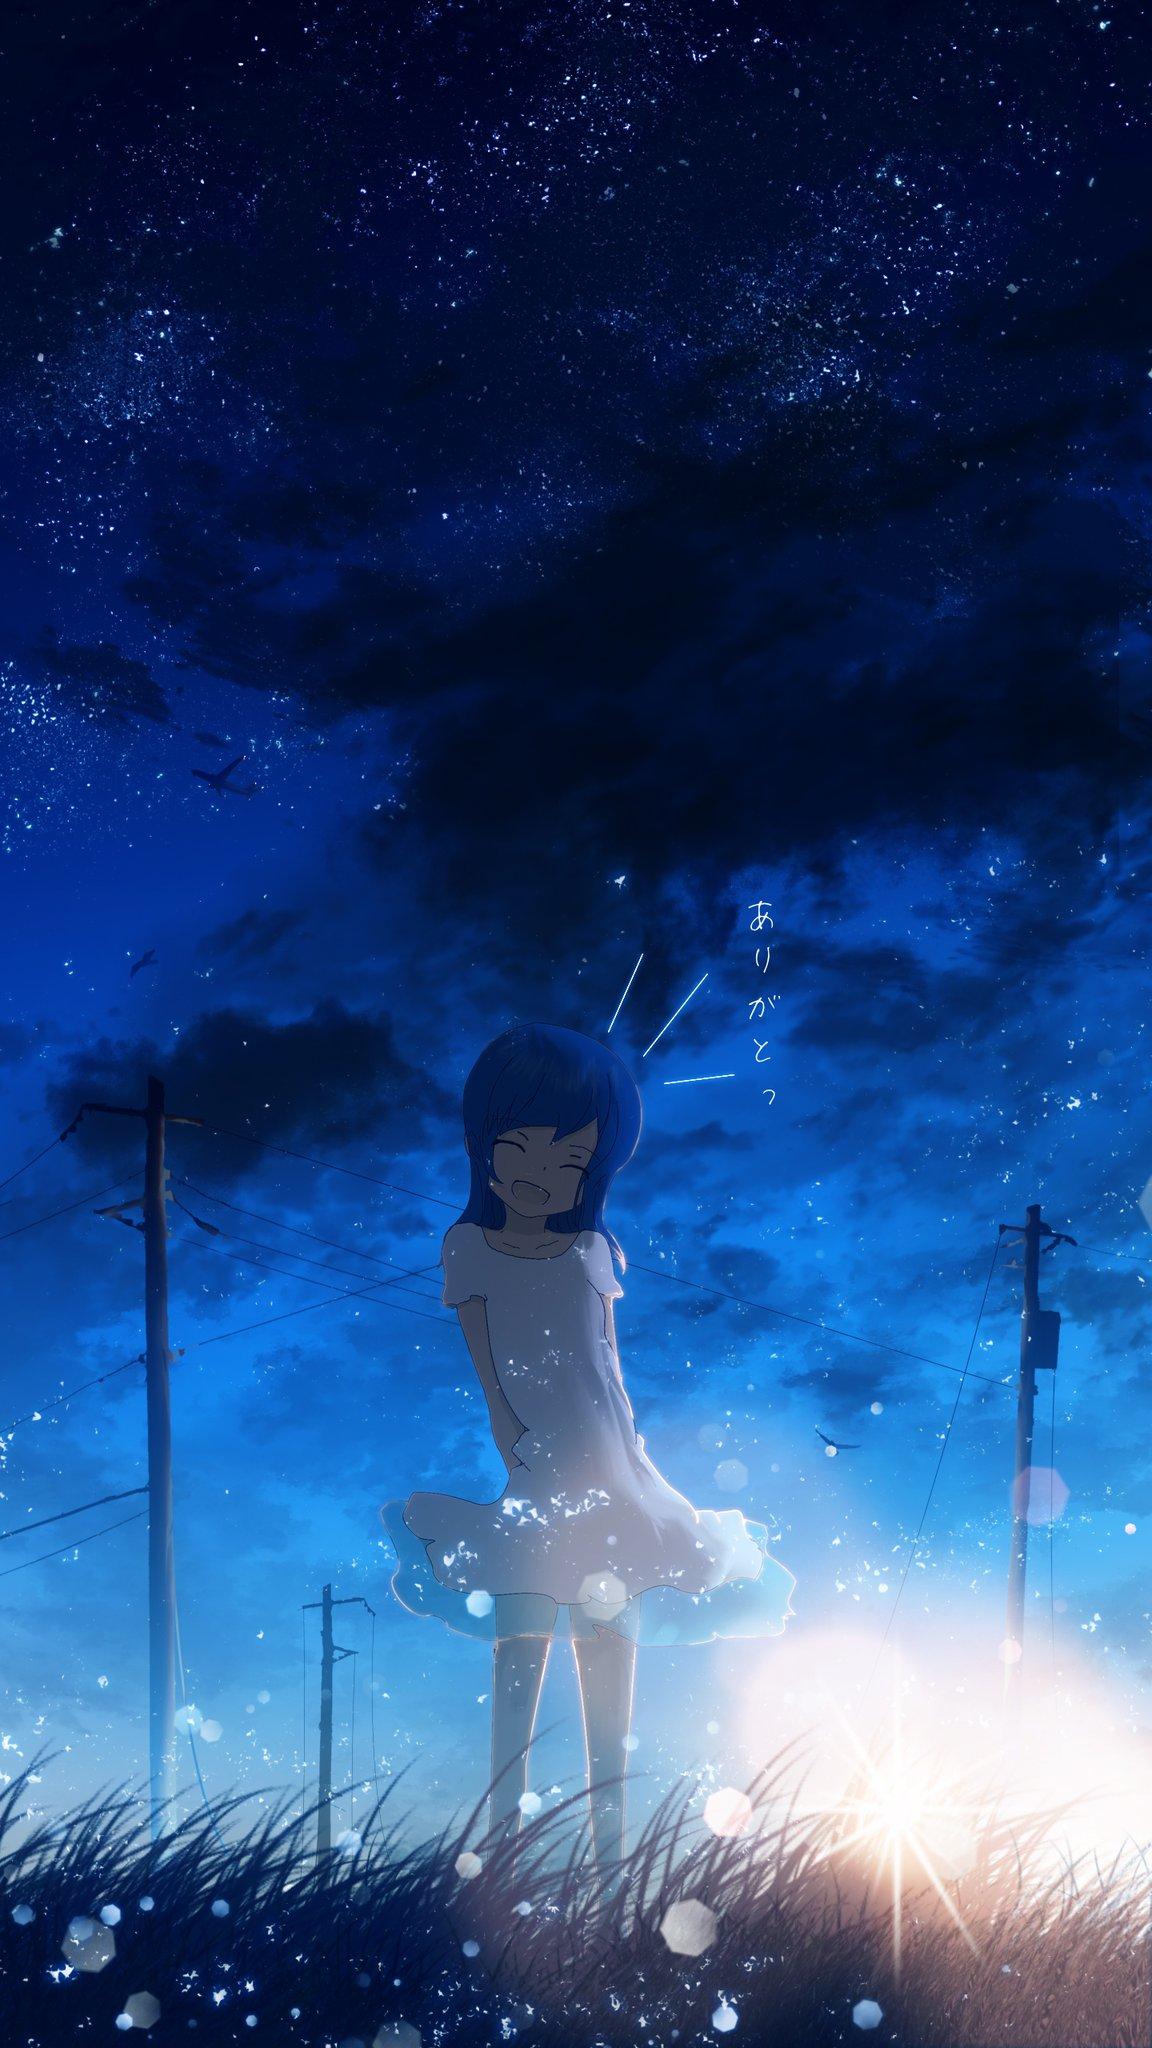 Фото Девочка с голубыми волосами, в белом платье стоит на фоне ночного неба, by Y_Y